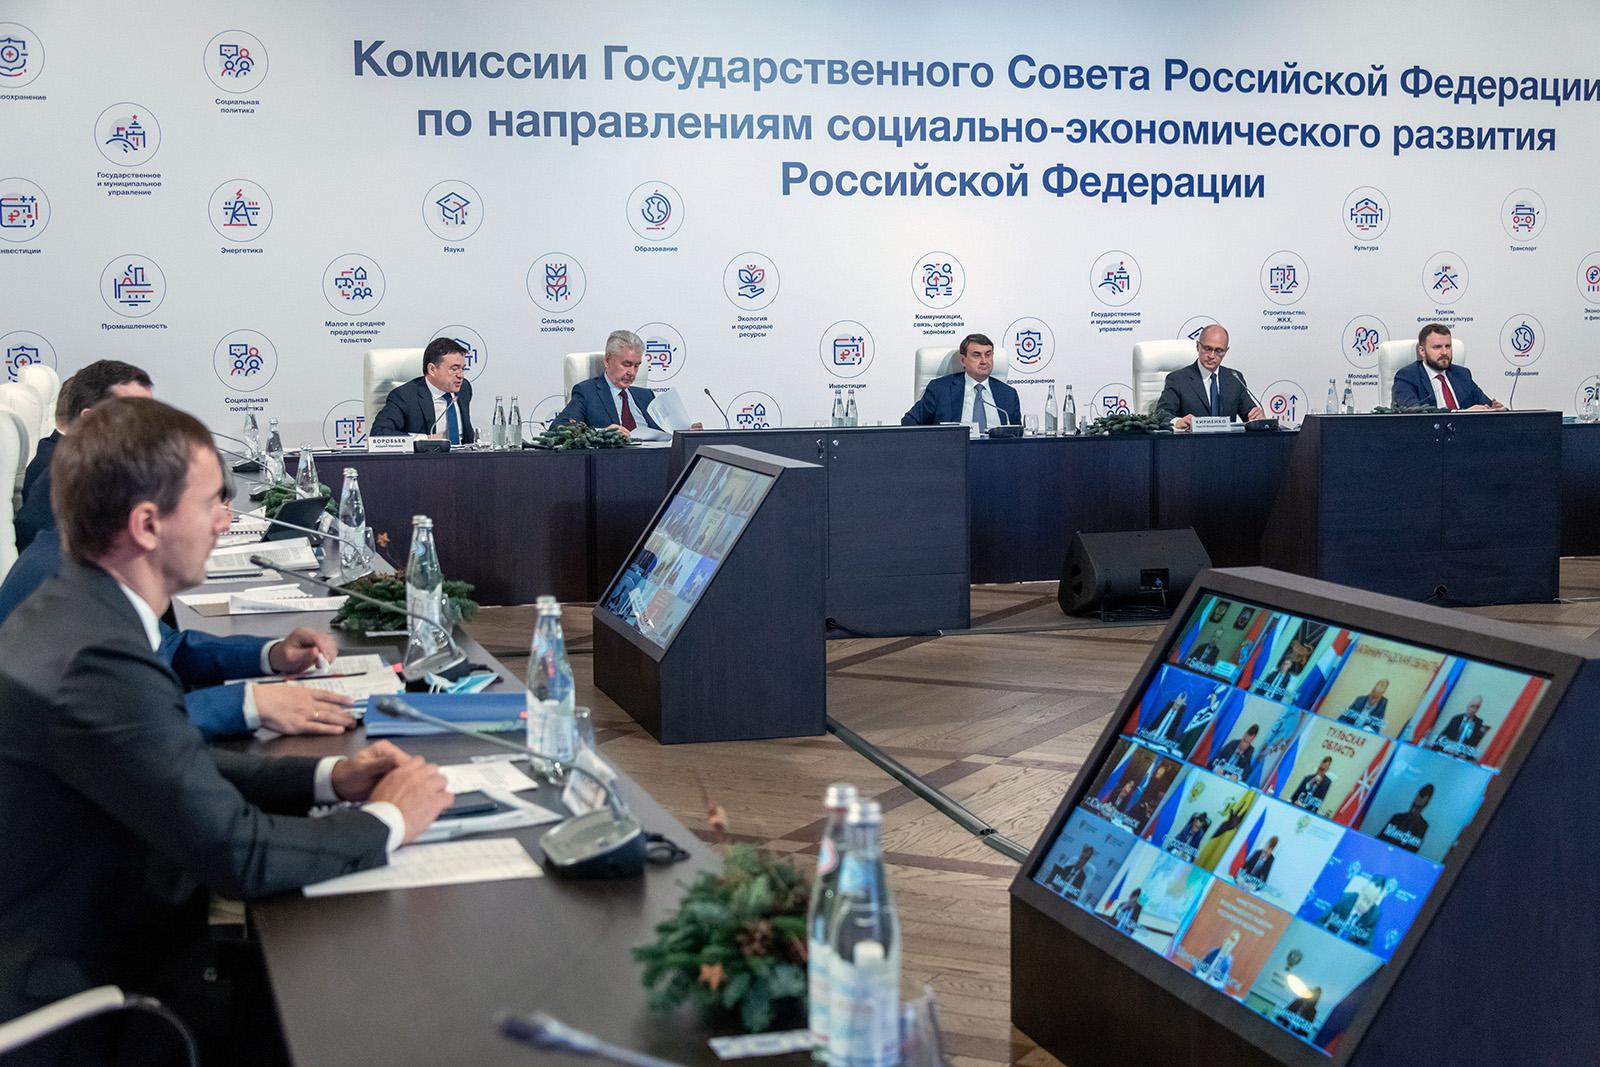 Сергей Собянин принял участие в подготовке к заседанию Госсовета России